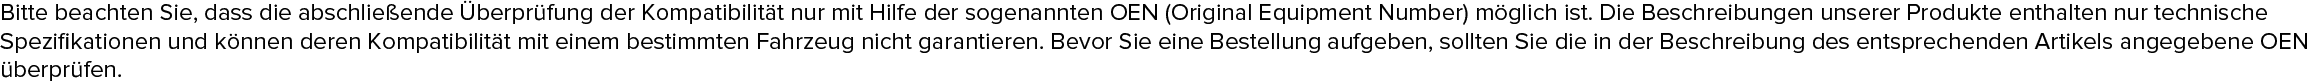 MAGNETI MARELLI 63112754797, 63117182520, 7182520, 51808774, LRB160 Steuergerät, Beleuchtung